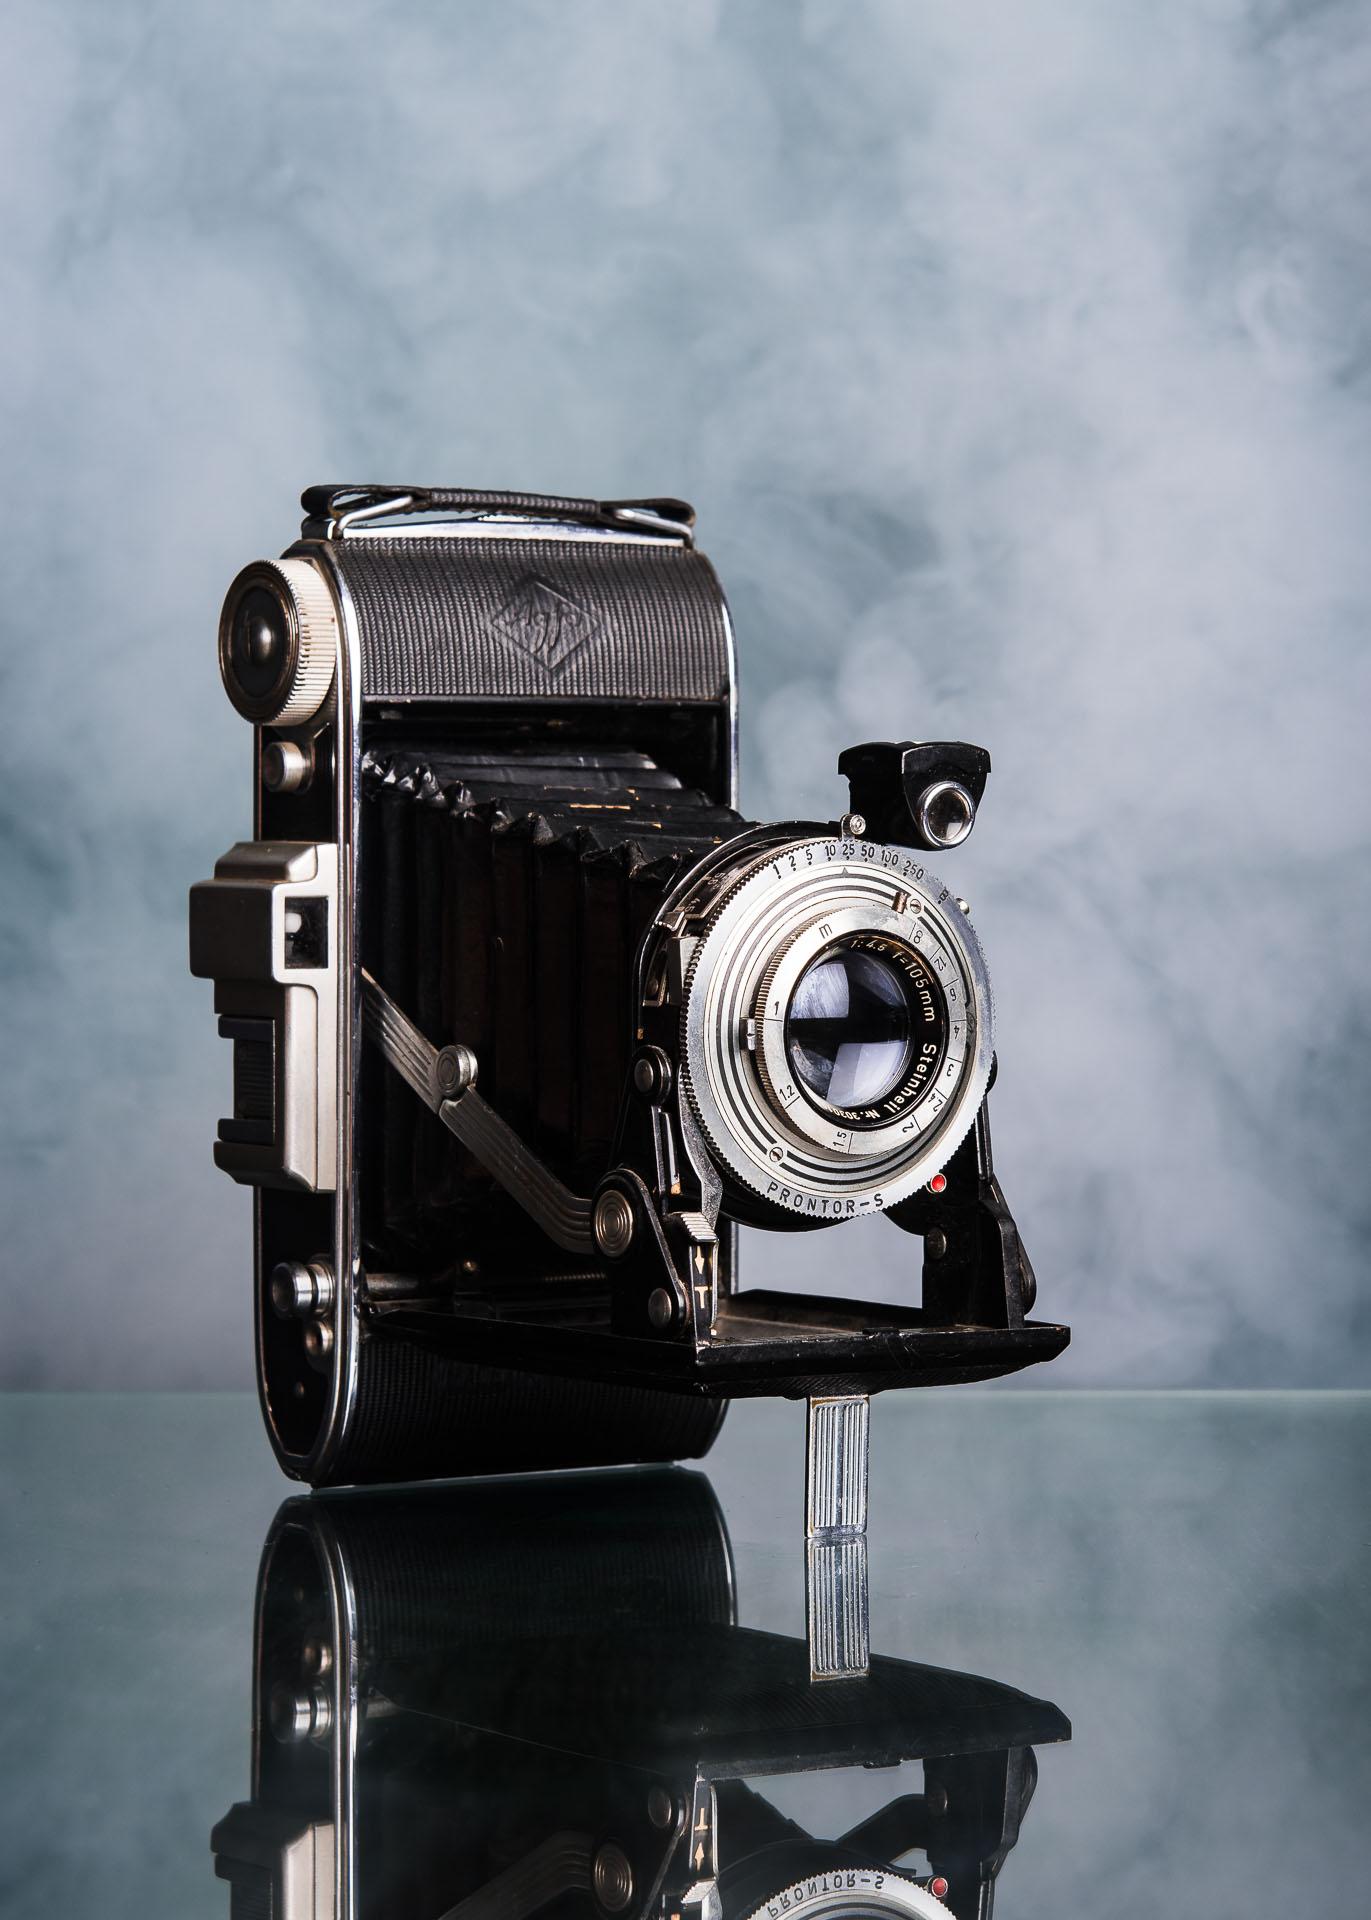 Afga Camera